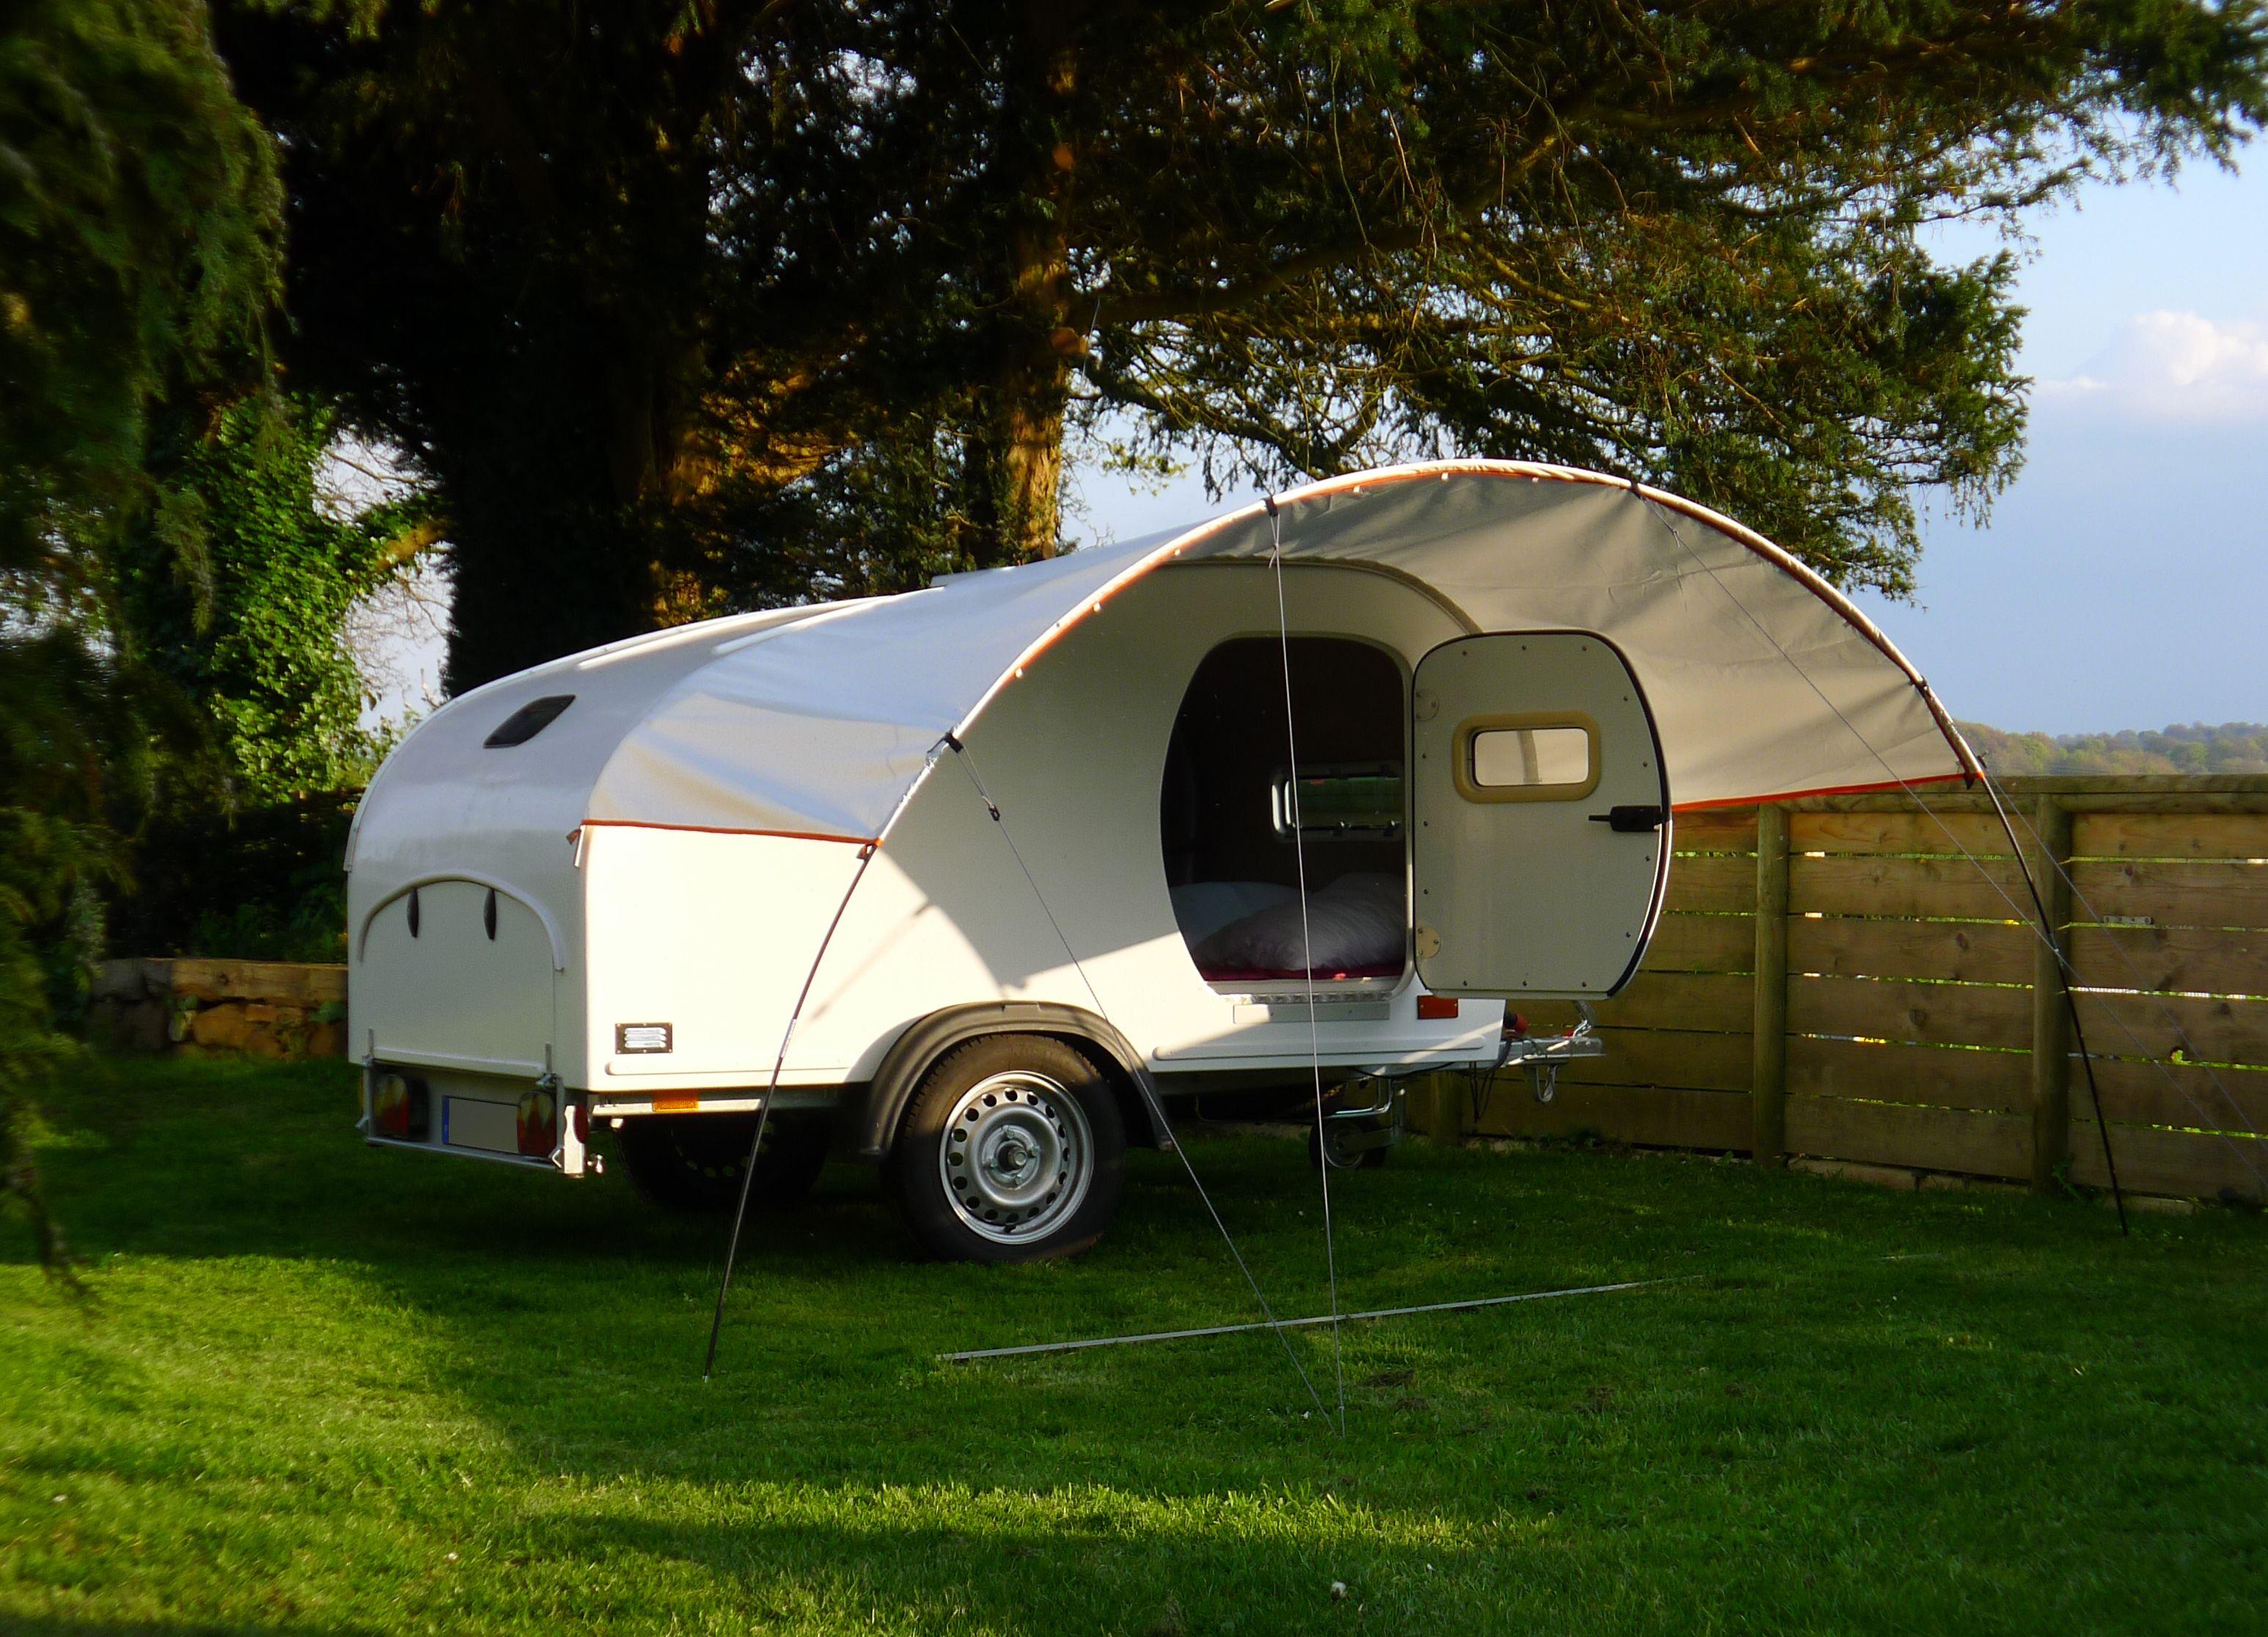 My Teardrop Caravanette Homebuilt Teardrop Trailer Building A Teardrop Trailer Teardrop Caravan Teardrop Trailer